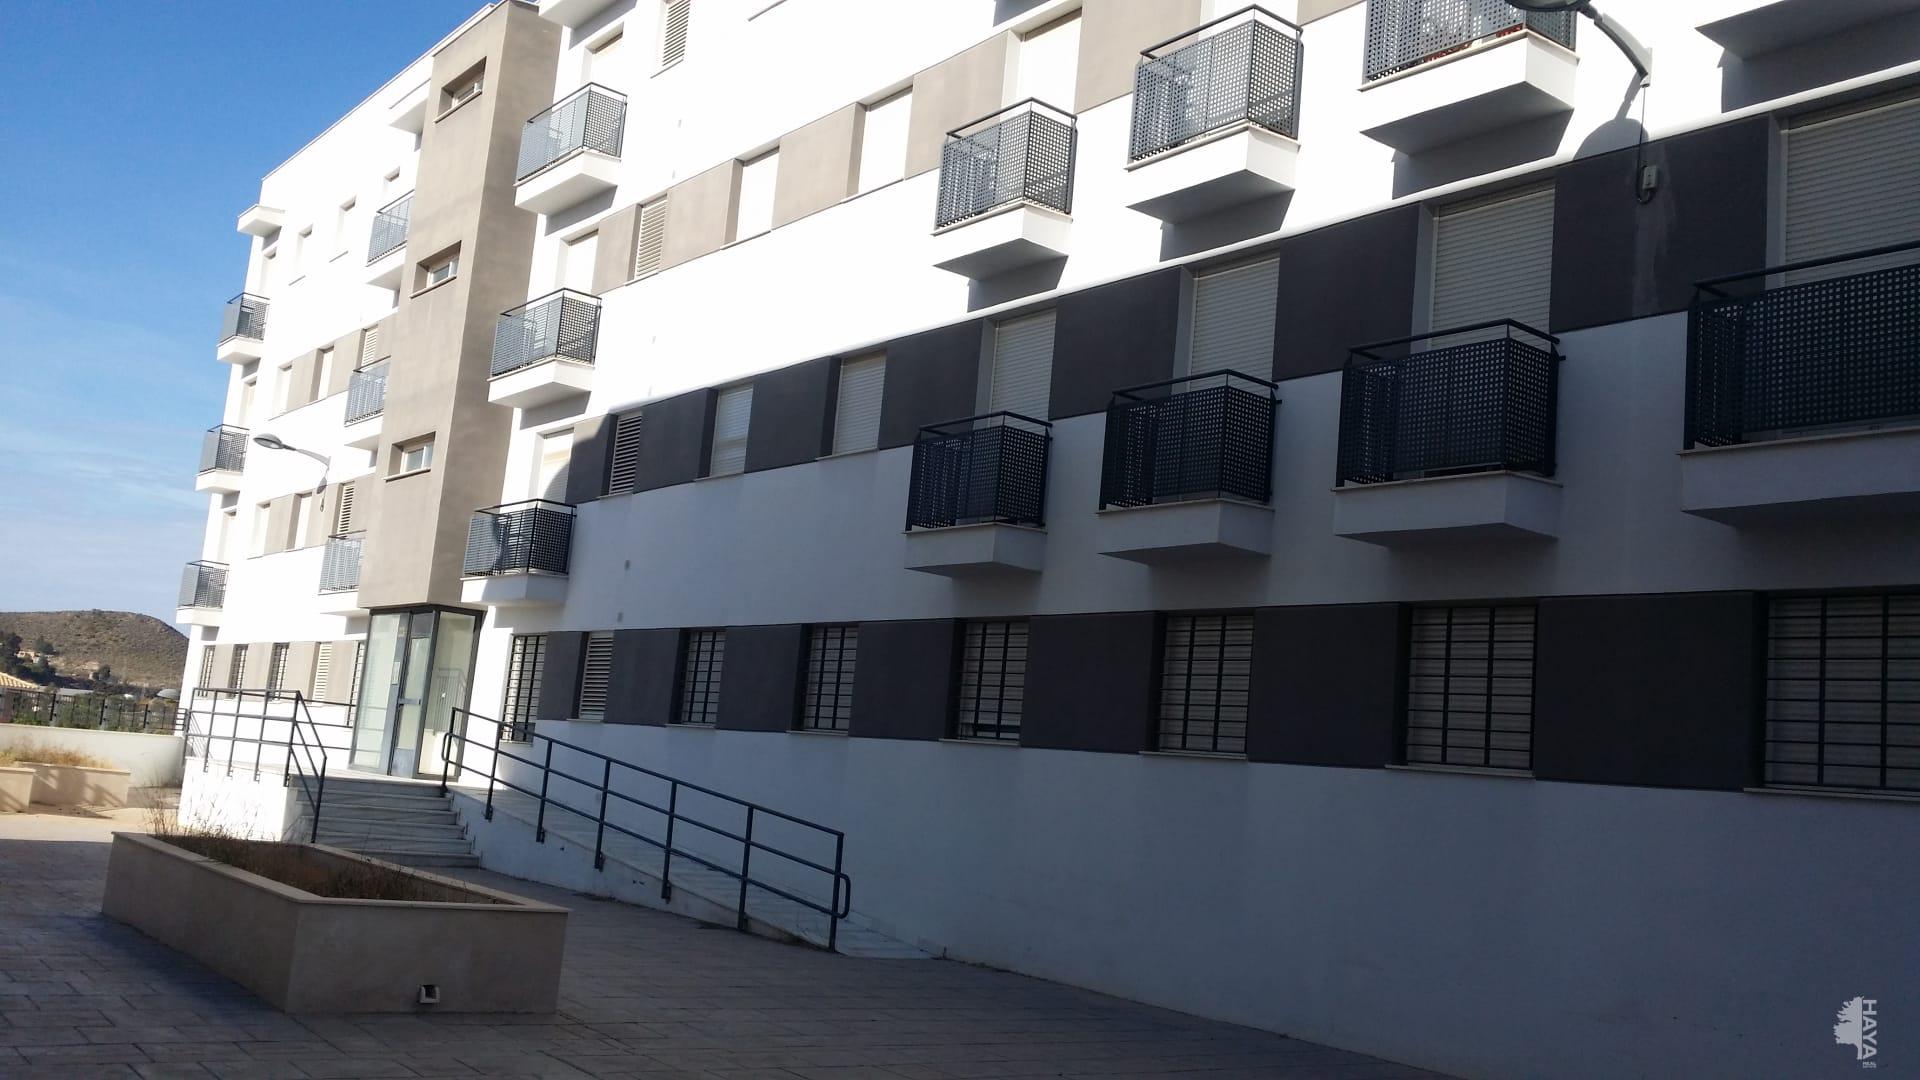 Piso en venta en Olula del Río, Almería, Calle Alta, 78.300 €, 3 habitaciones, 1 baño, 103 m2